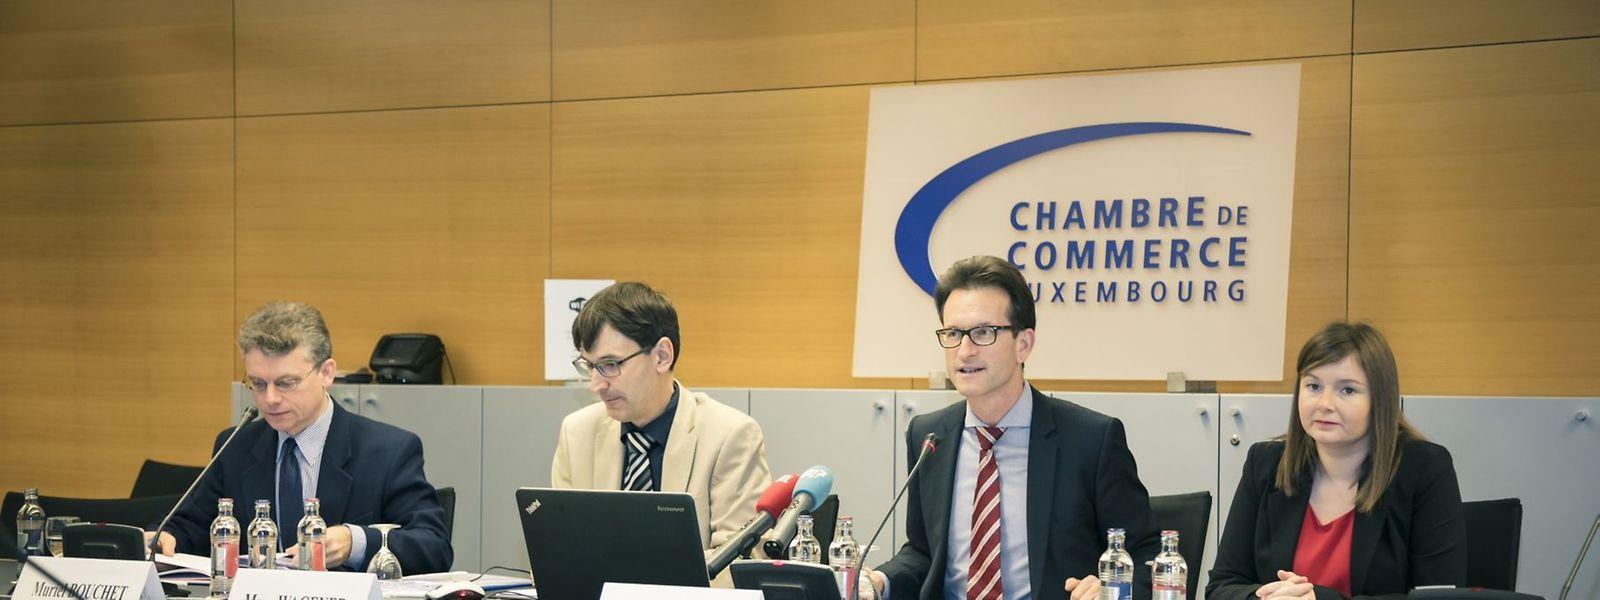 Carlo Thelen und Marc Wagener forderten Finanzminister  Pierre Gramegna auf, den Haushaltsentwurf transparenter zu gestalten.